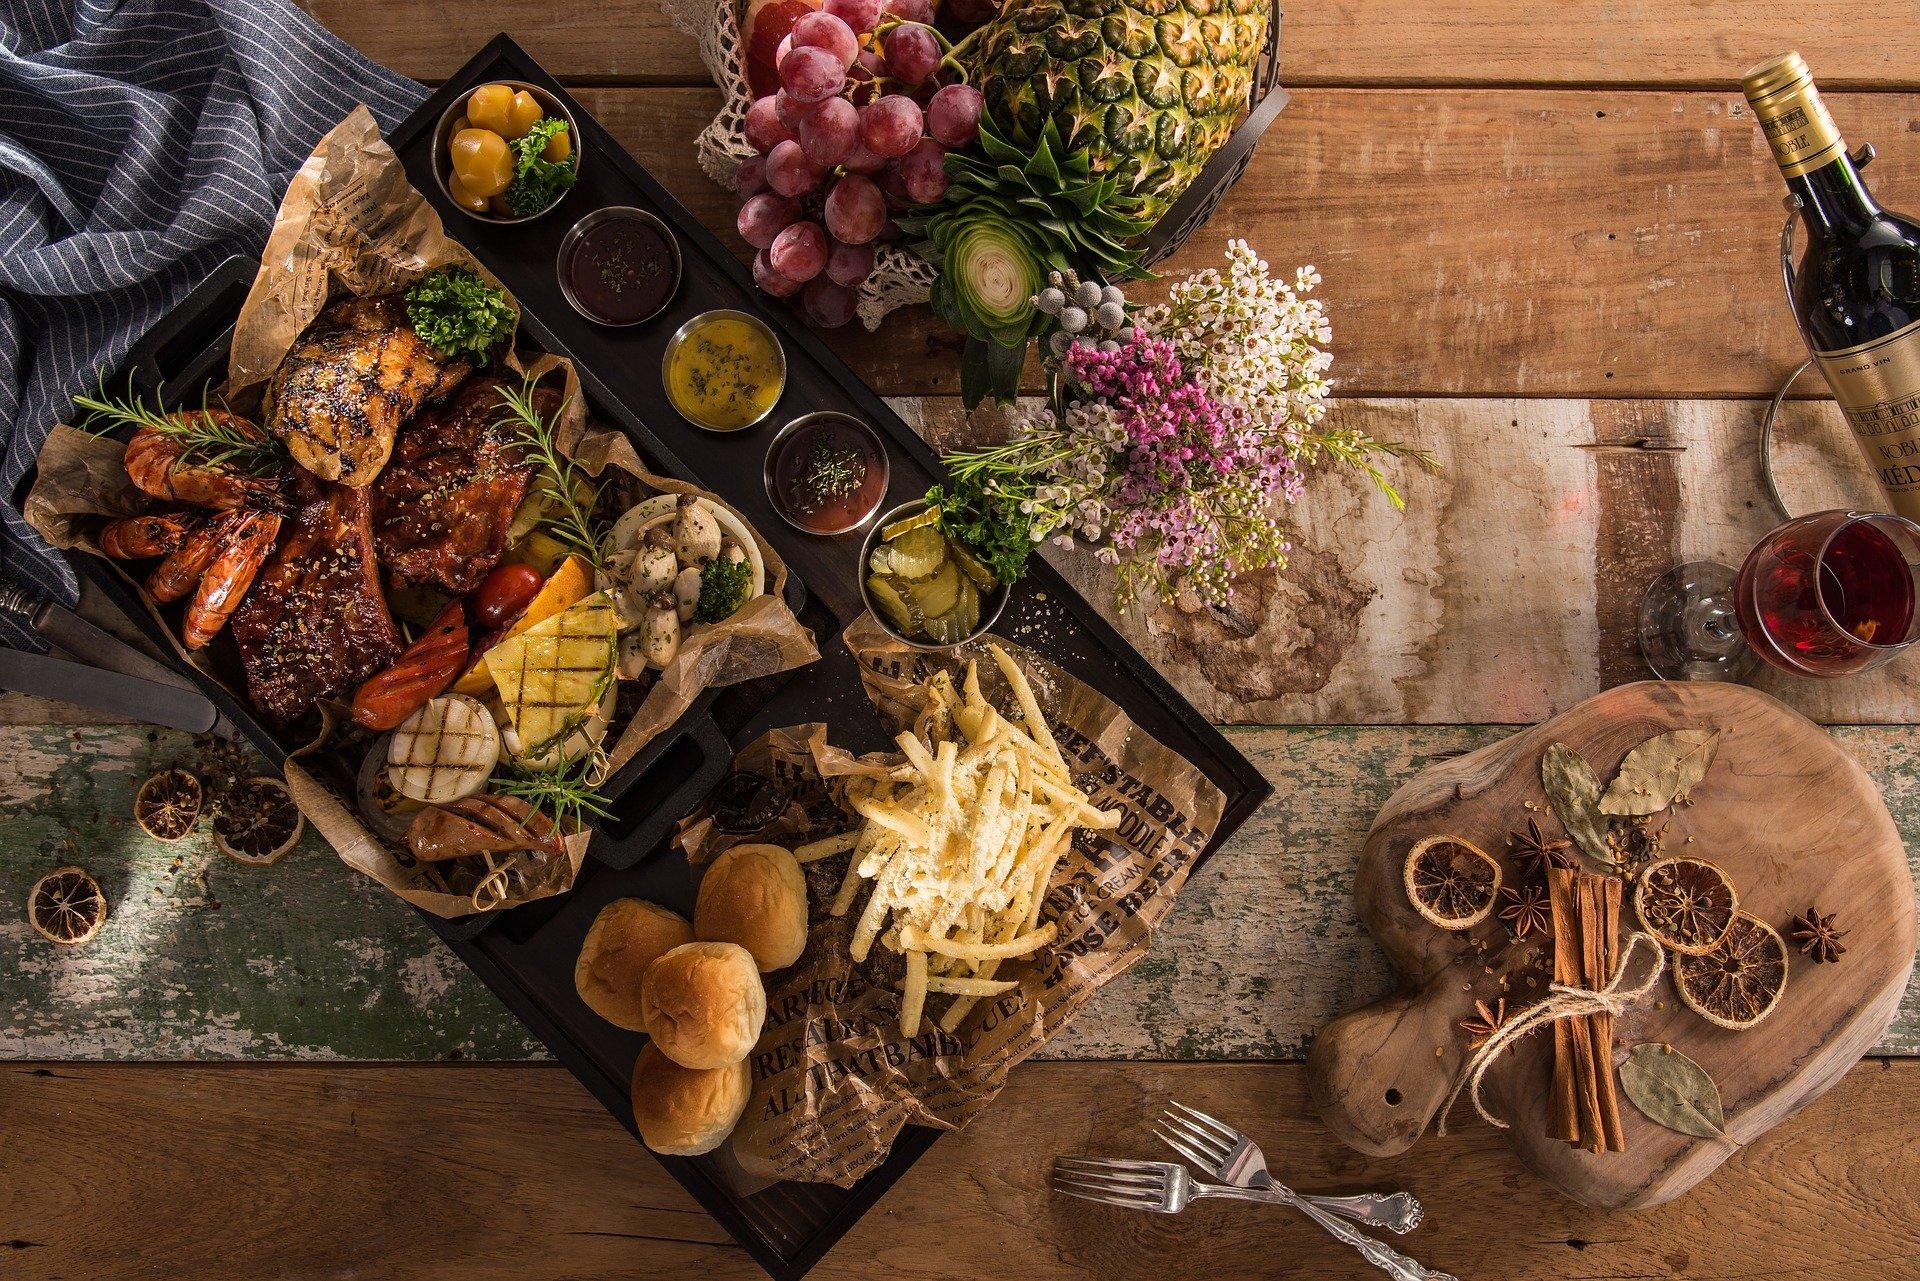 Les solutions de Traduction dans le domaine de la Gastronomie avec Eu Coordination, agence de Traduction et d'Interprétation.